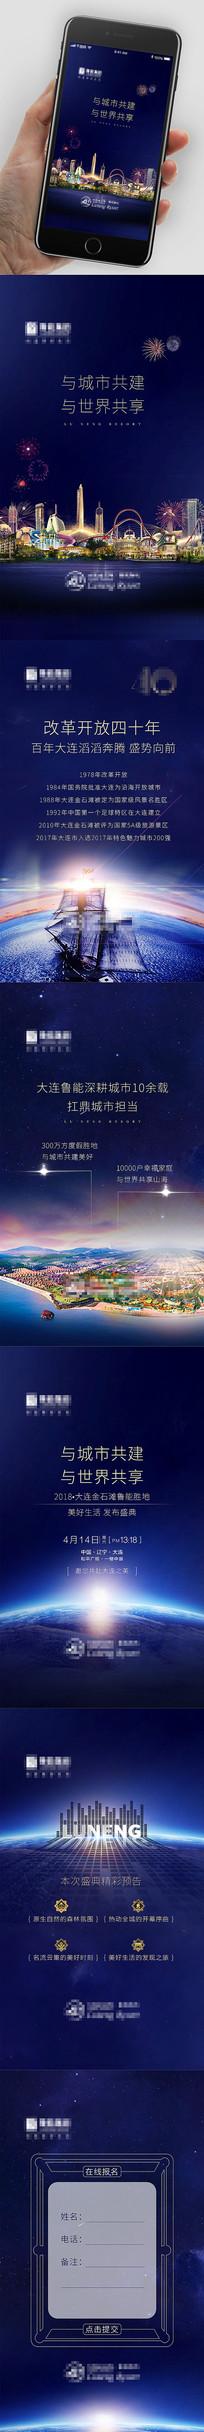 深蓝高端大气房地产手机宣传H5广告